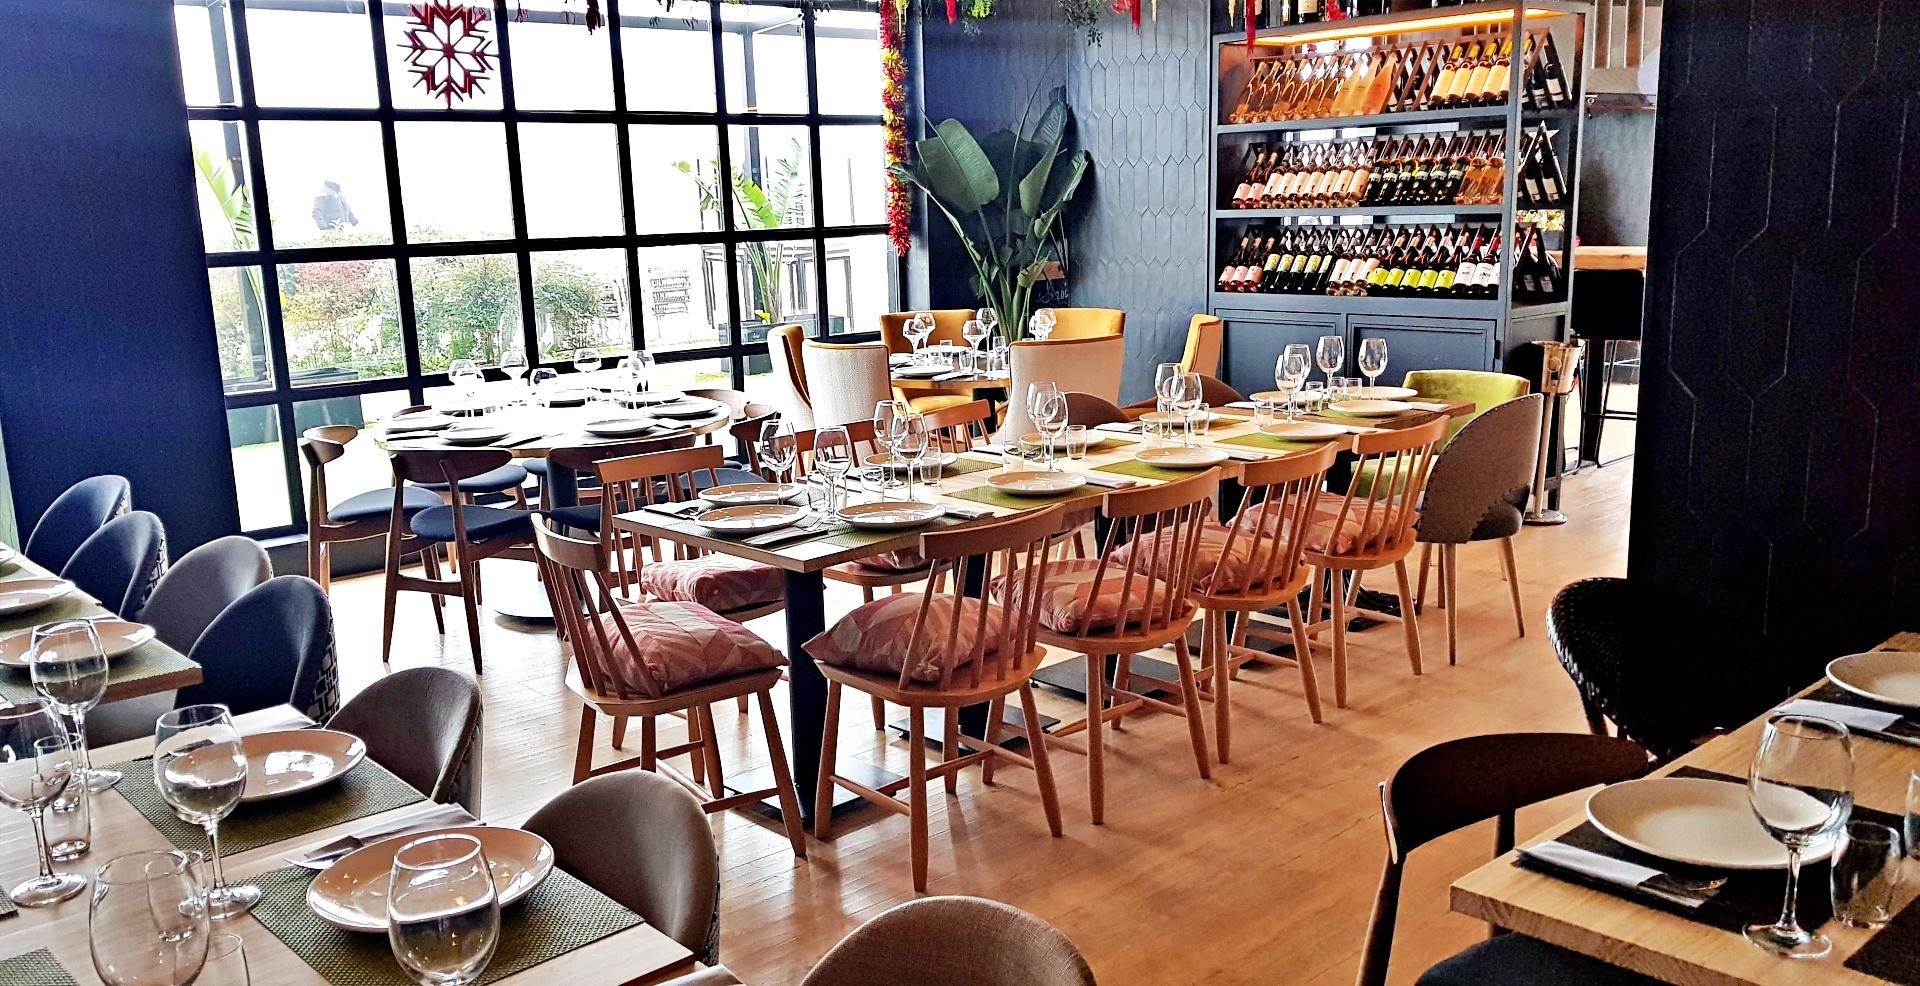 Vista general del salón principal del Restaurante Malabar en Fuenlabrada